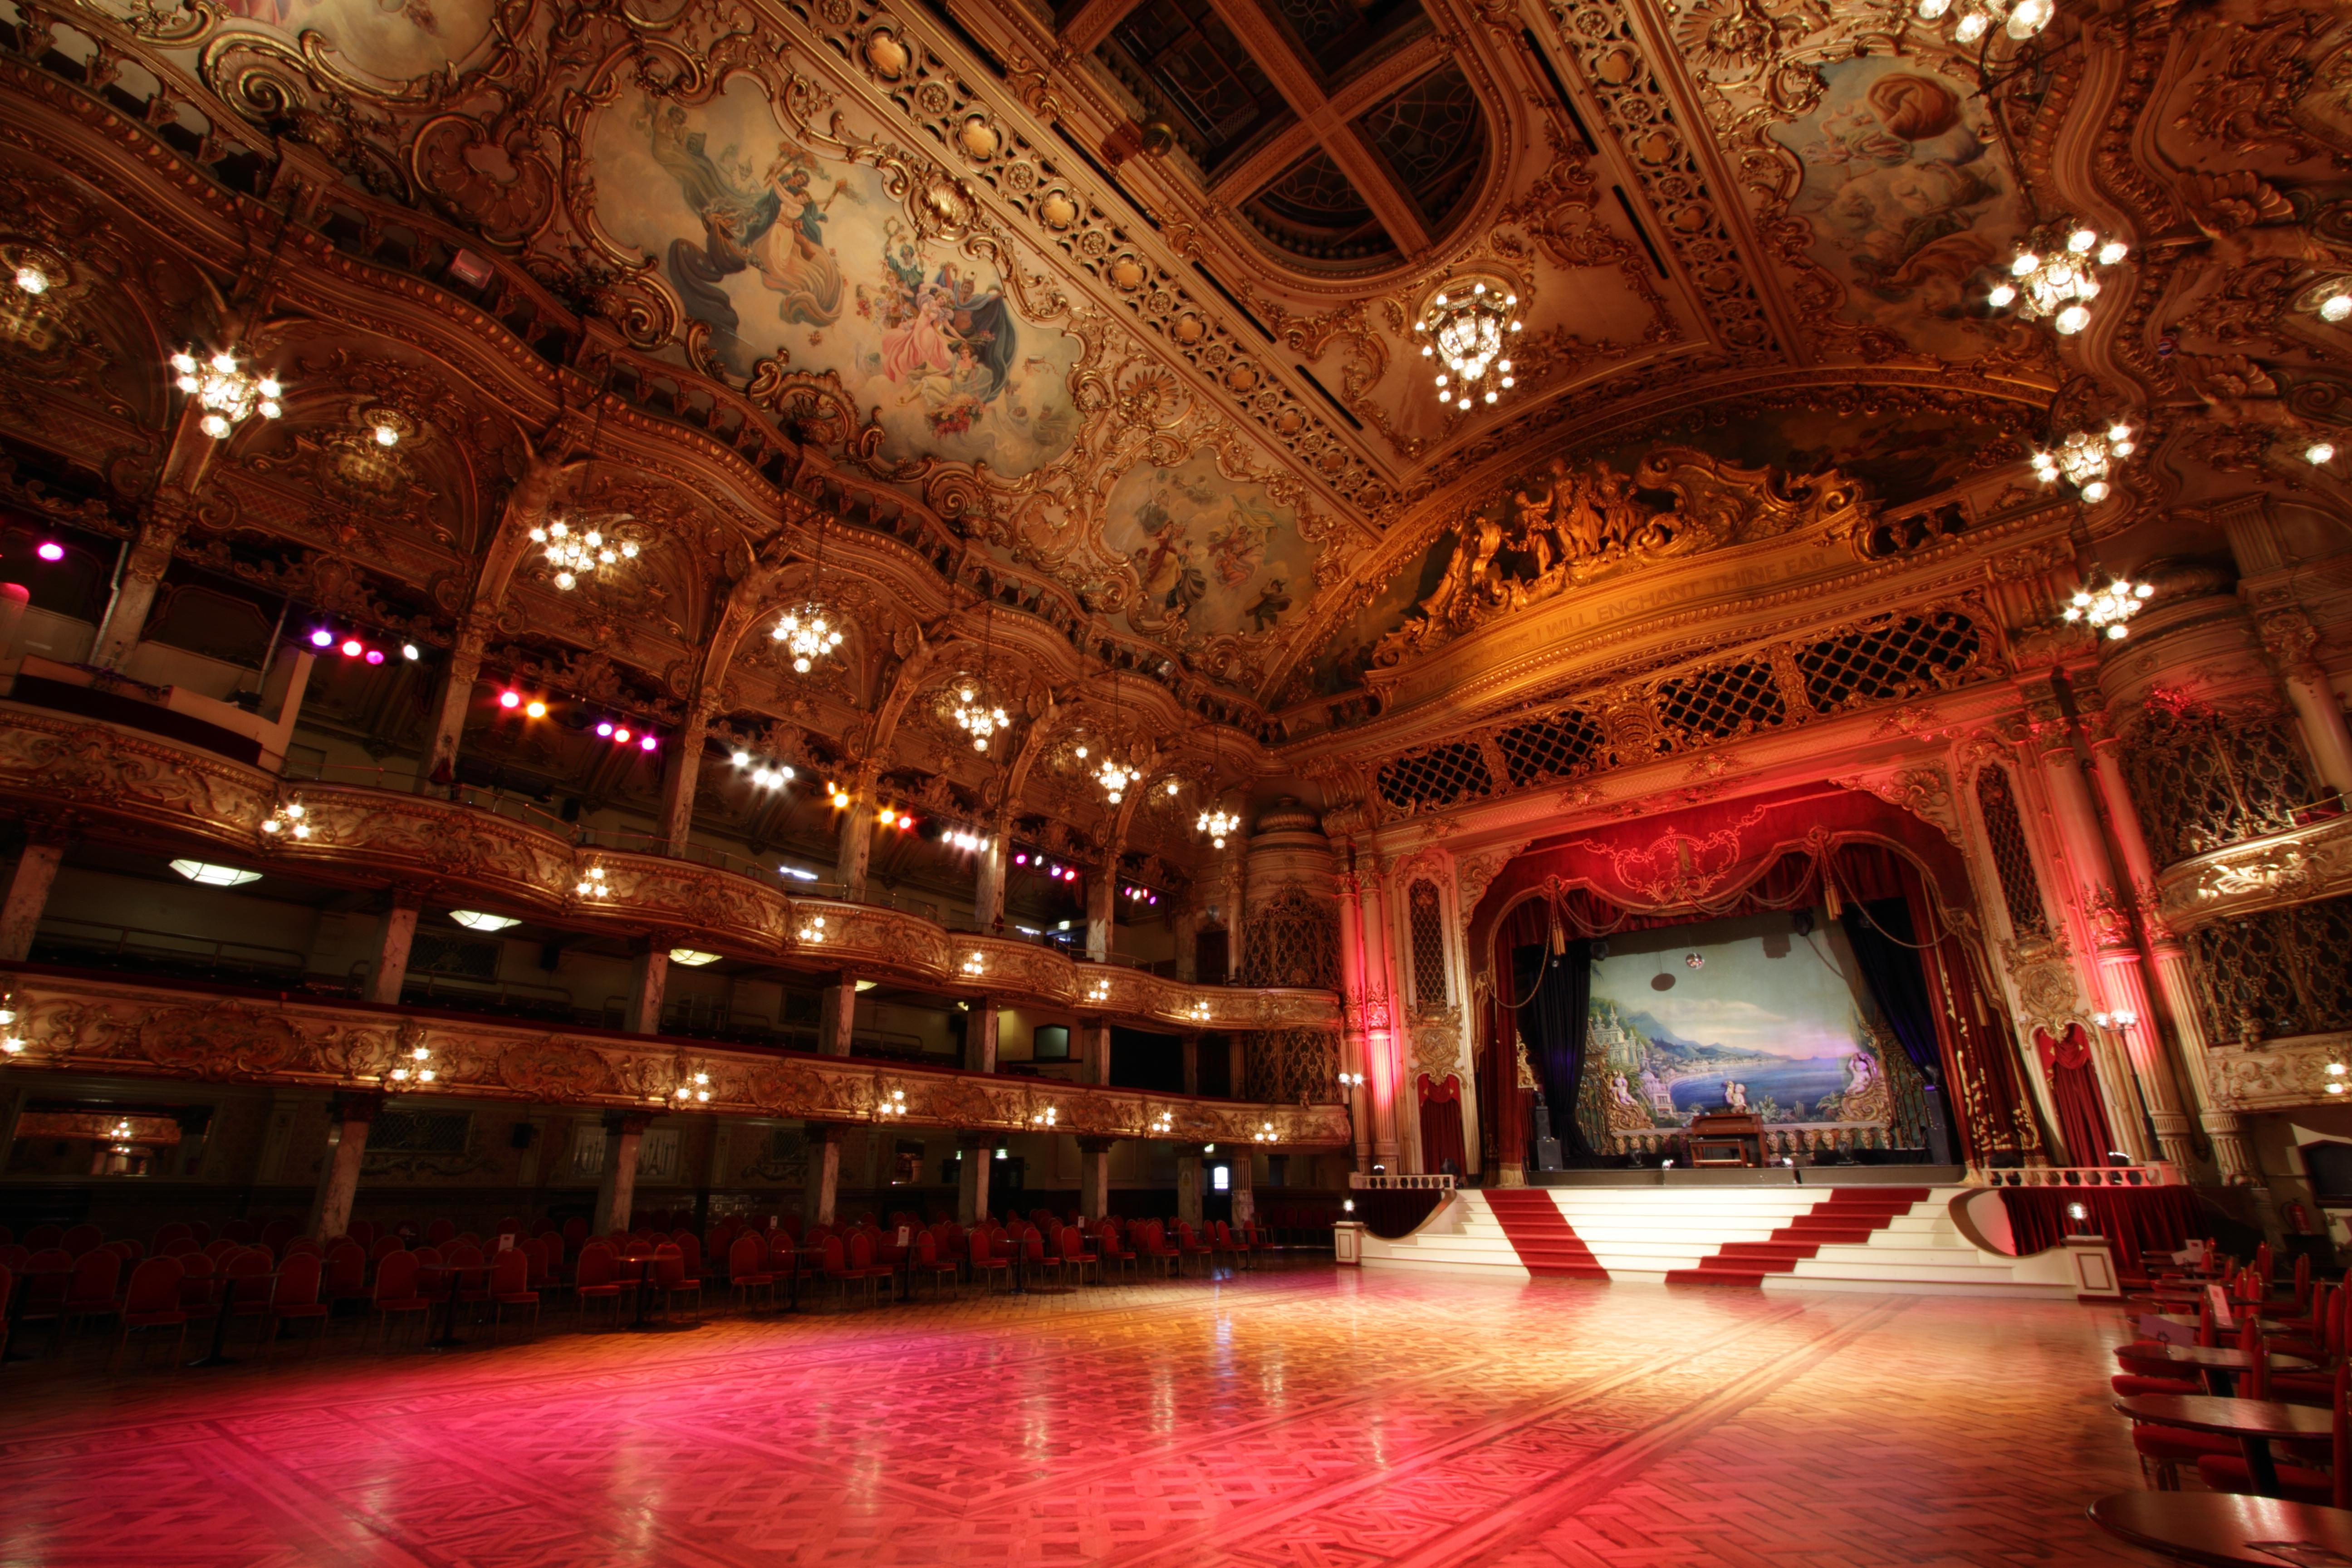 Images Gratuites : côte, architecture, intérieur, bâtiment, Danse ...